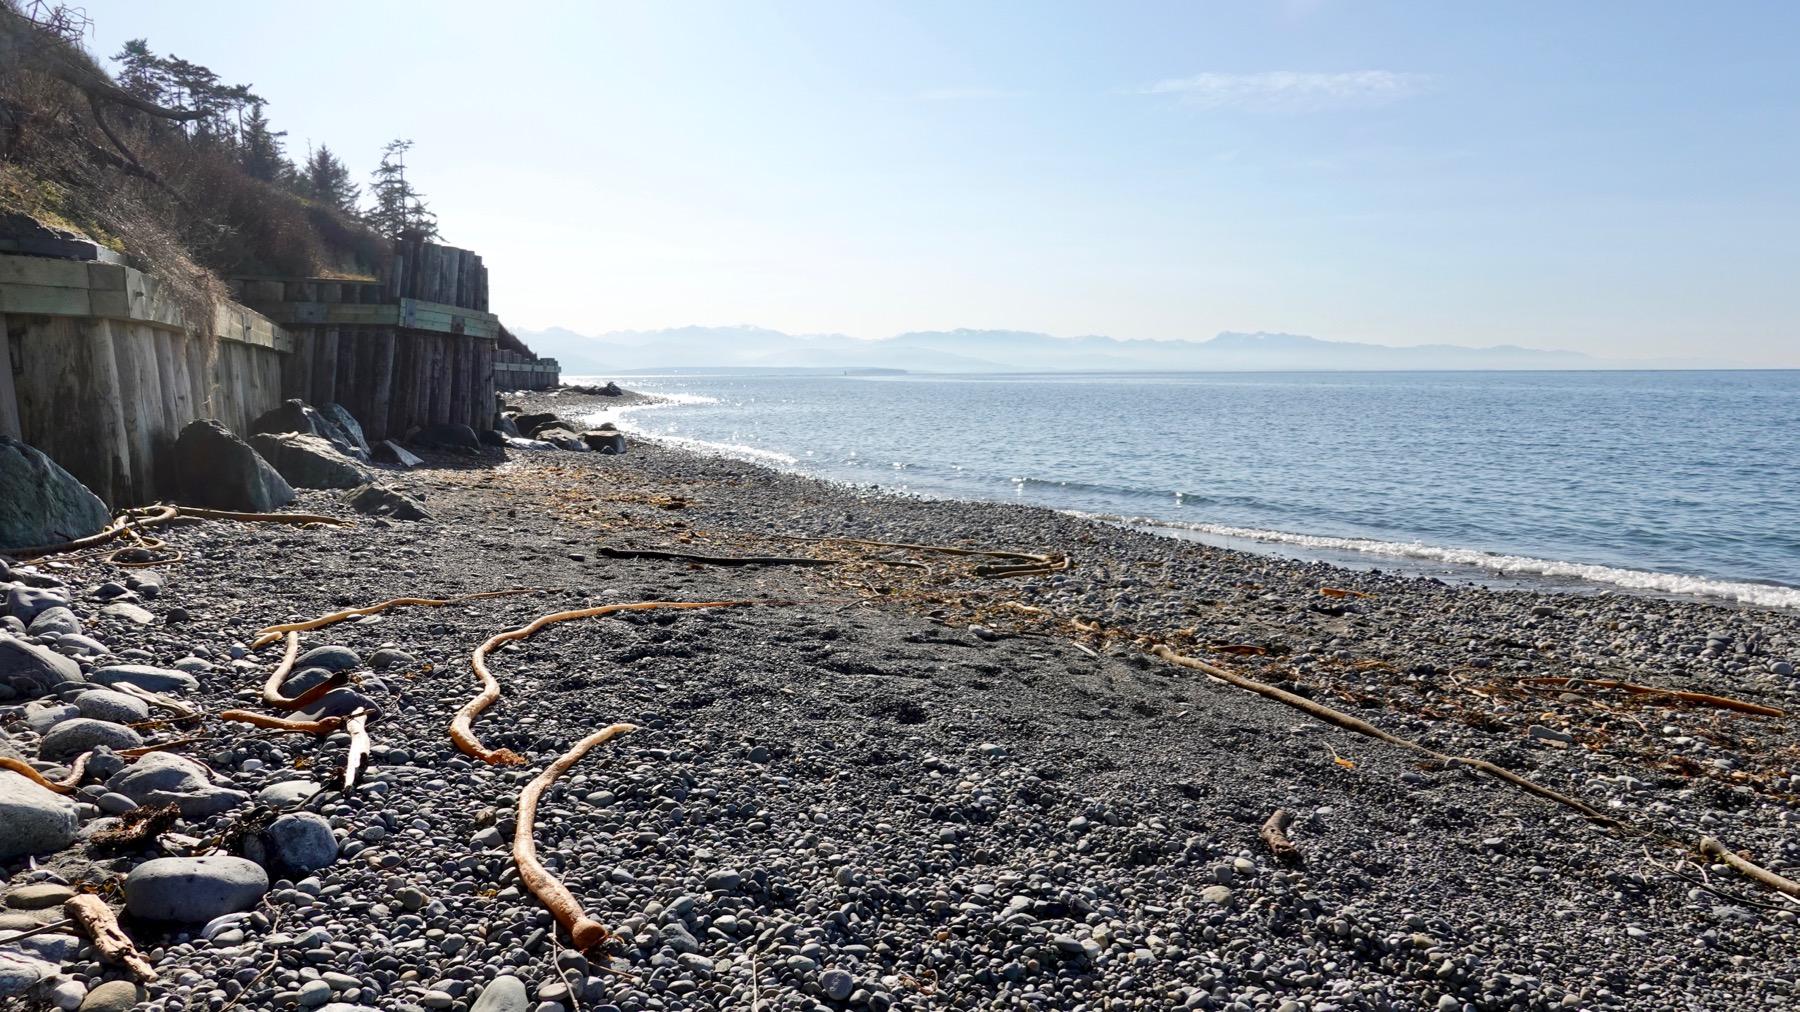 Kelp beach